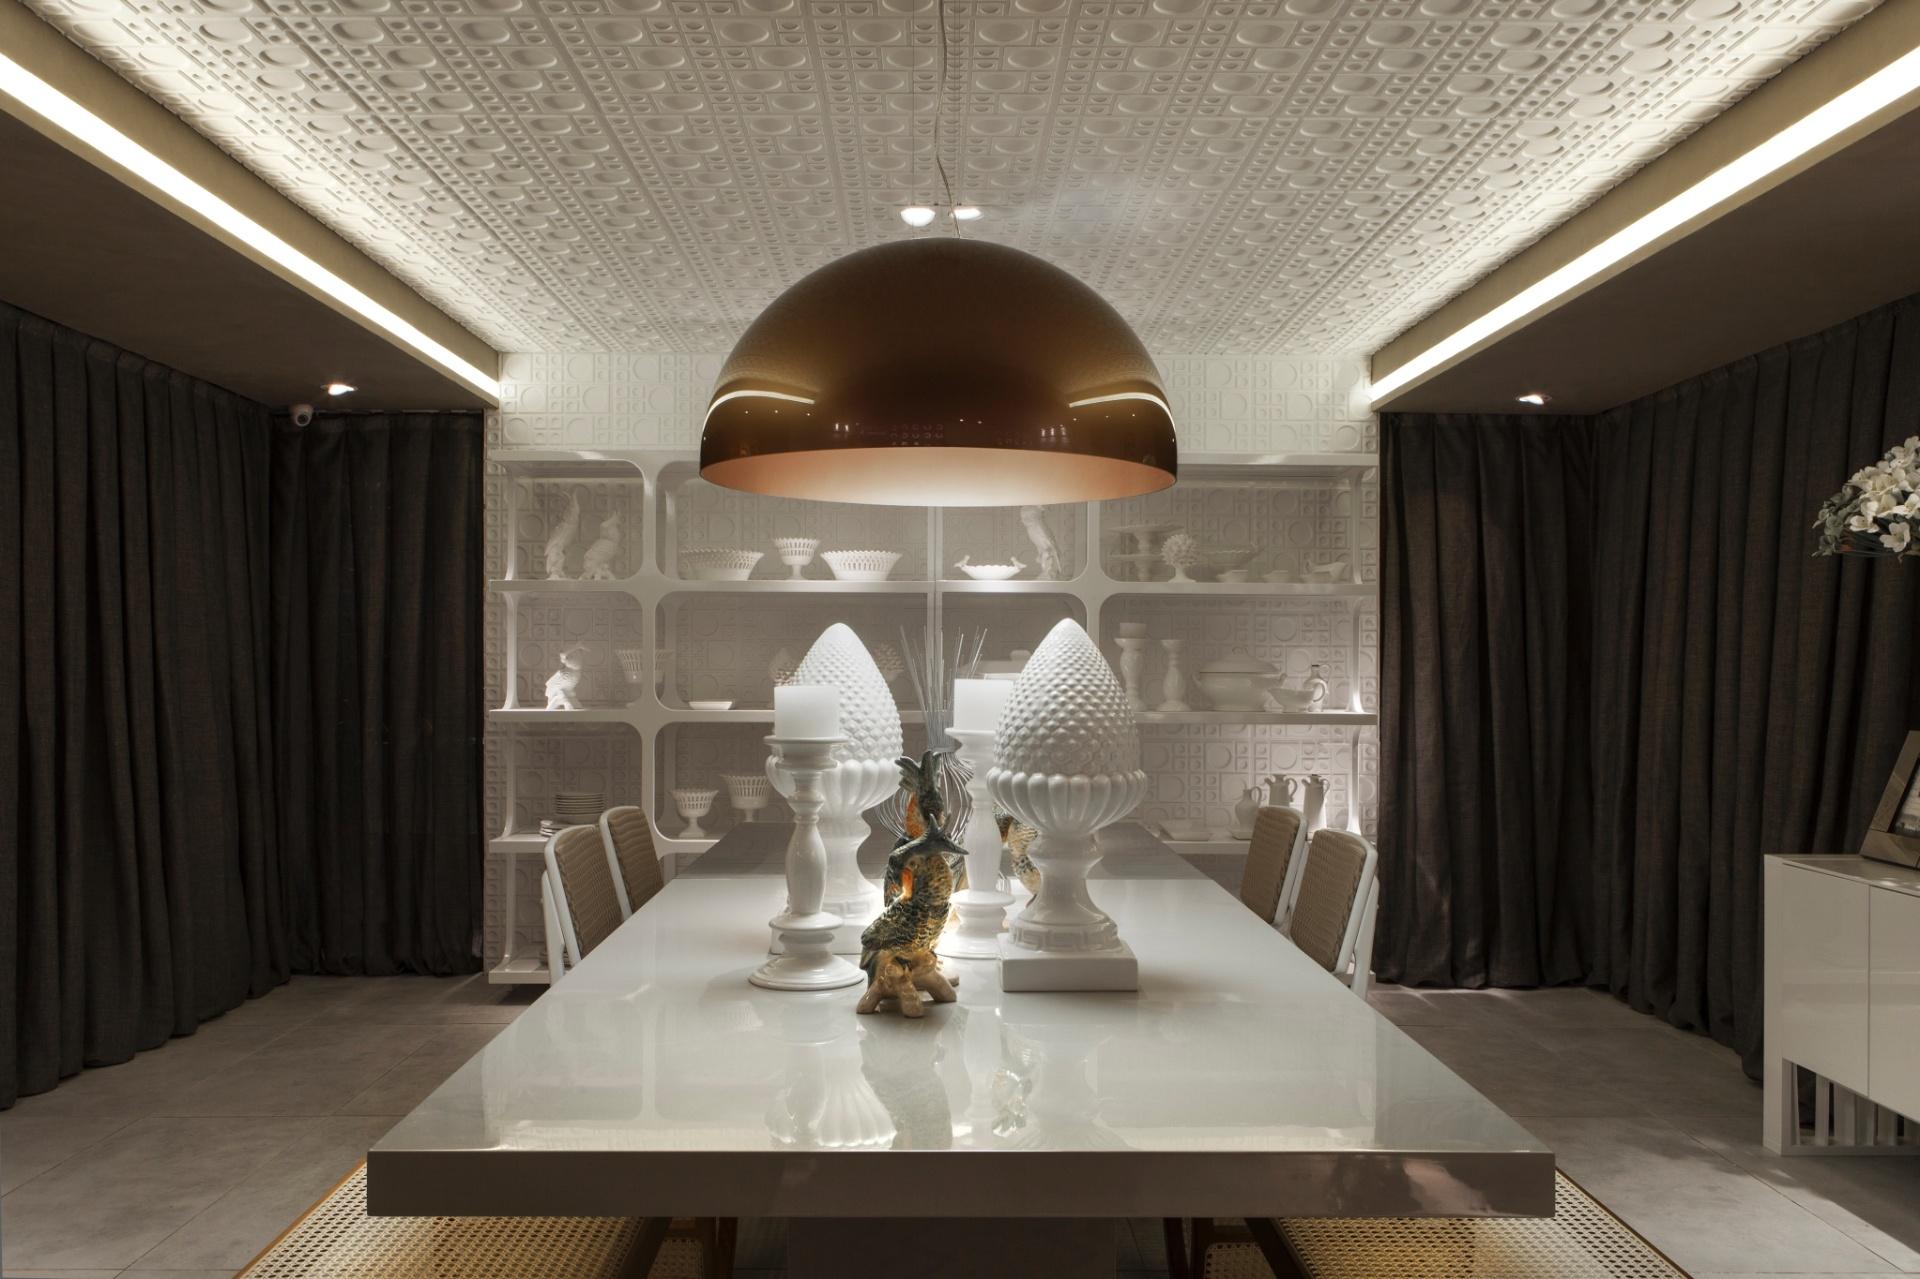 Na Sala de Jantar com Lavabo, projetada pelo arquiteto André Dantas em estilo balizado por elementos